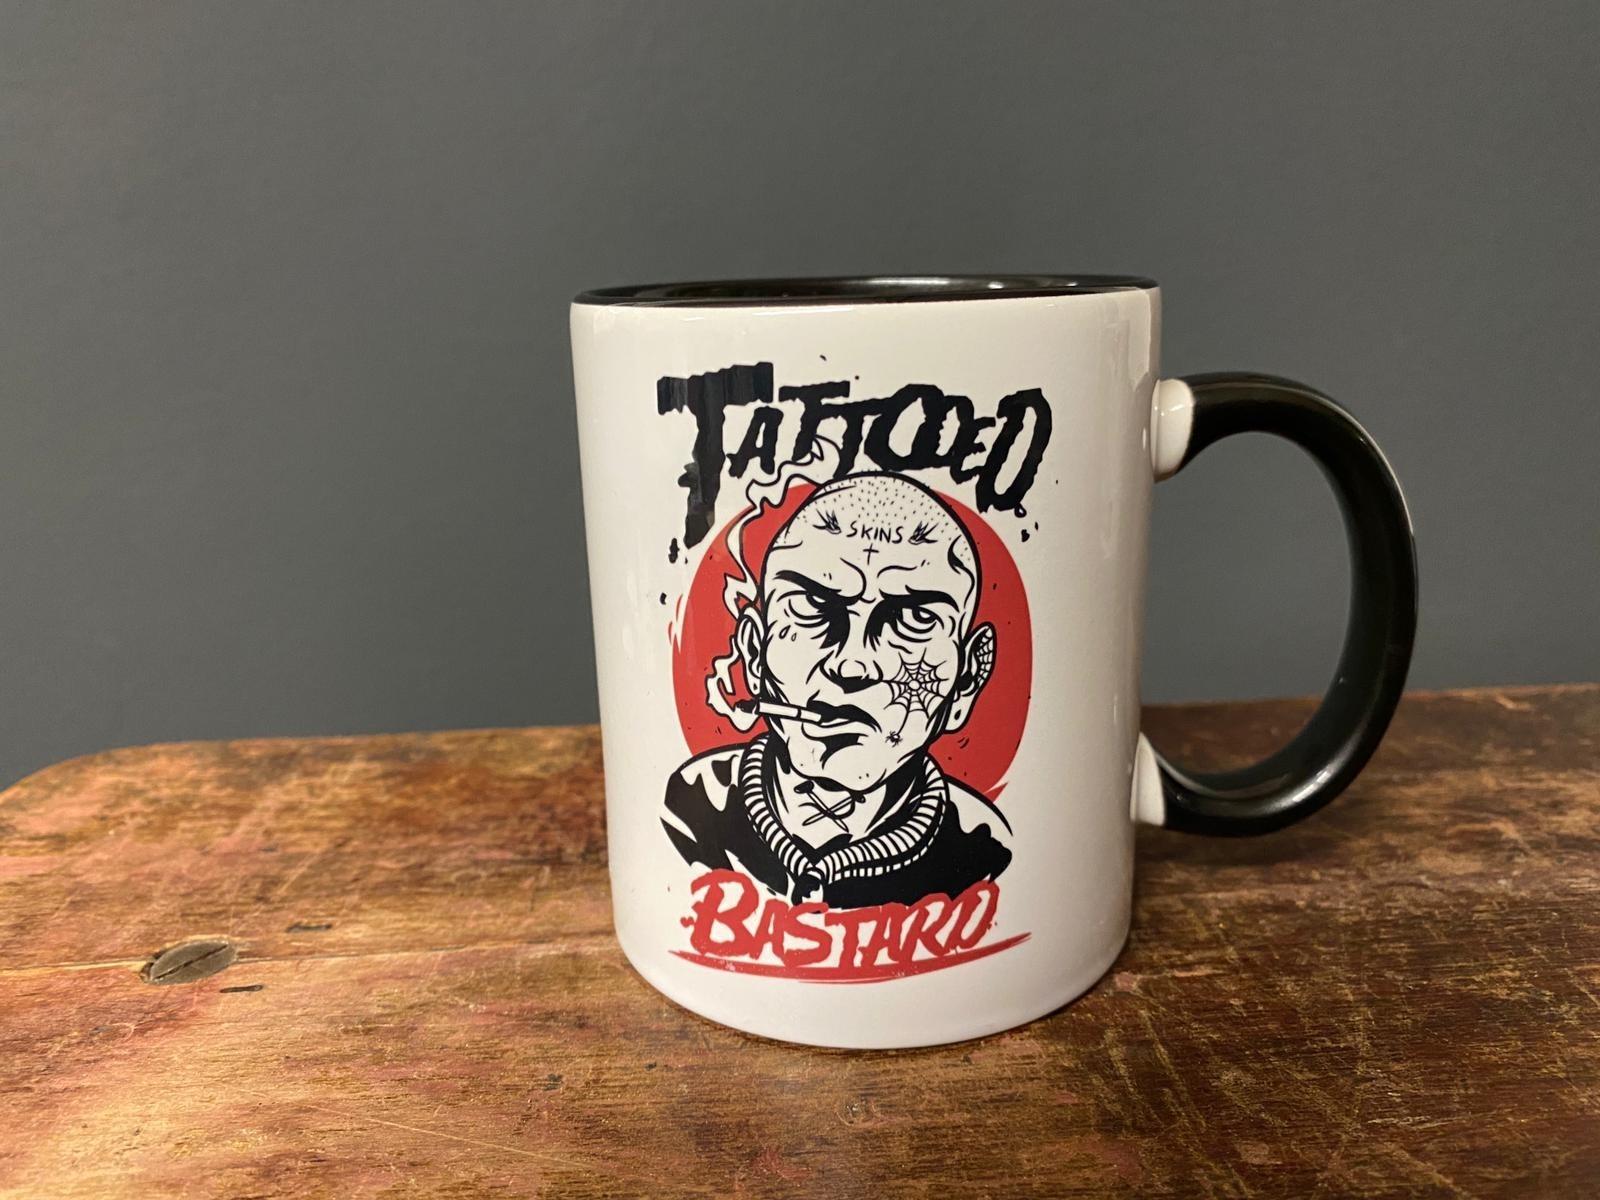 Tattoed Bastard - Tasse/Mug